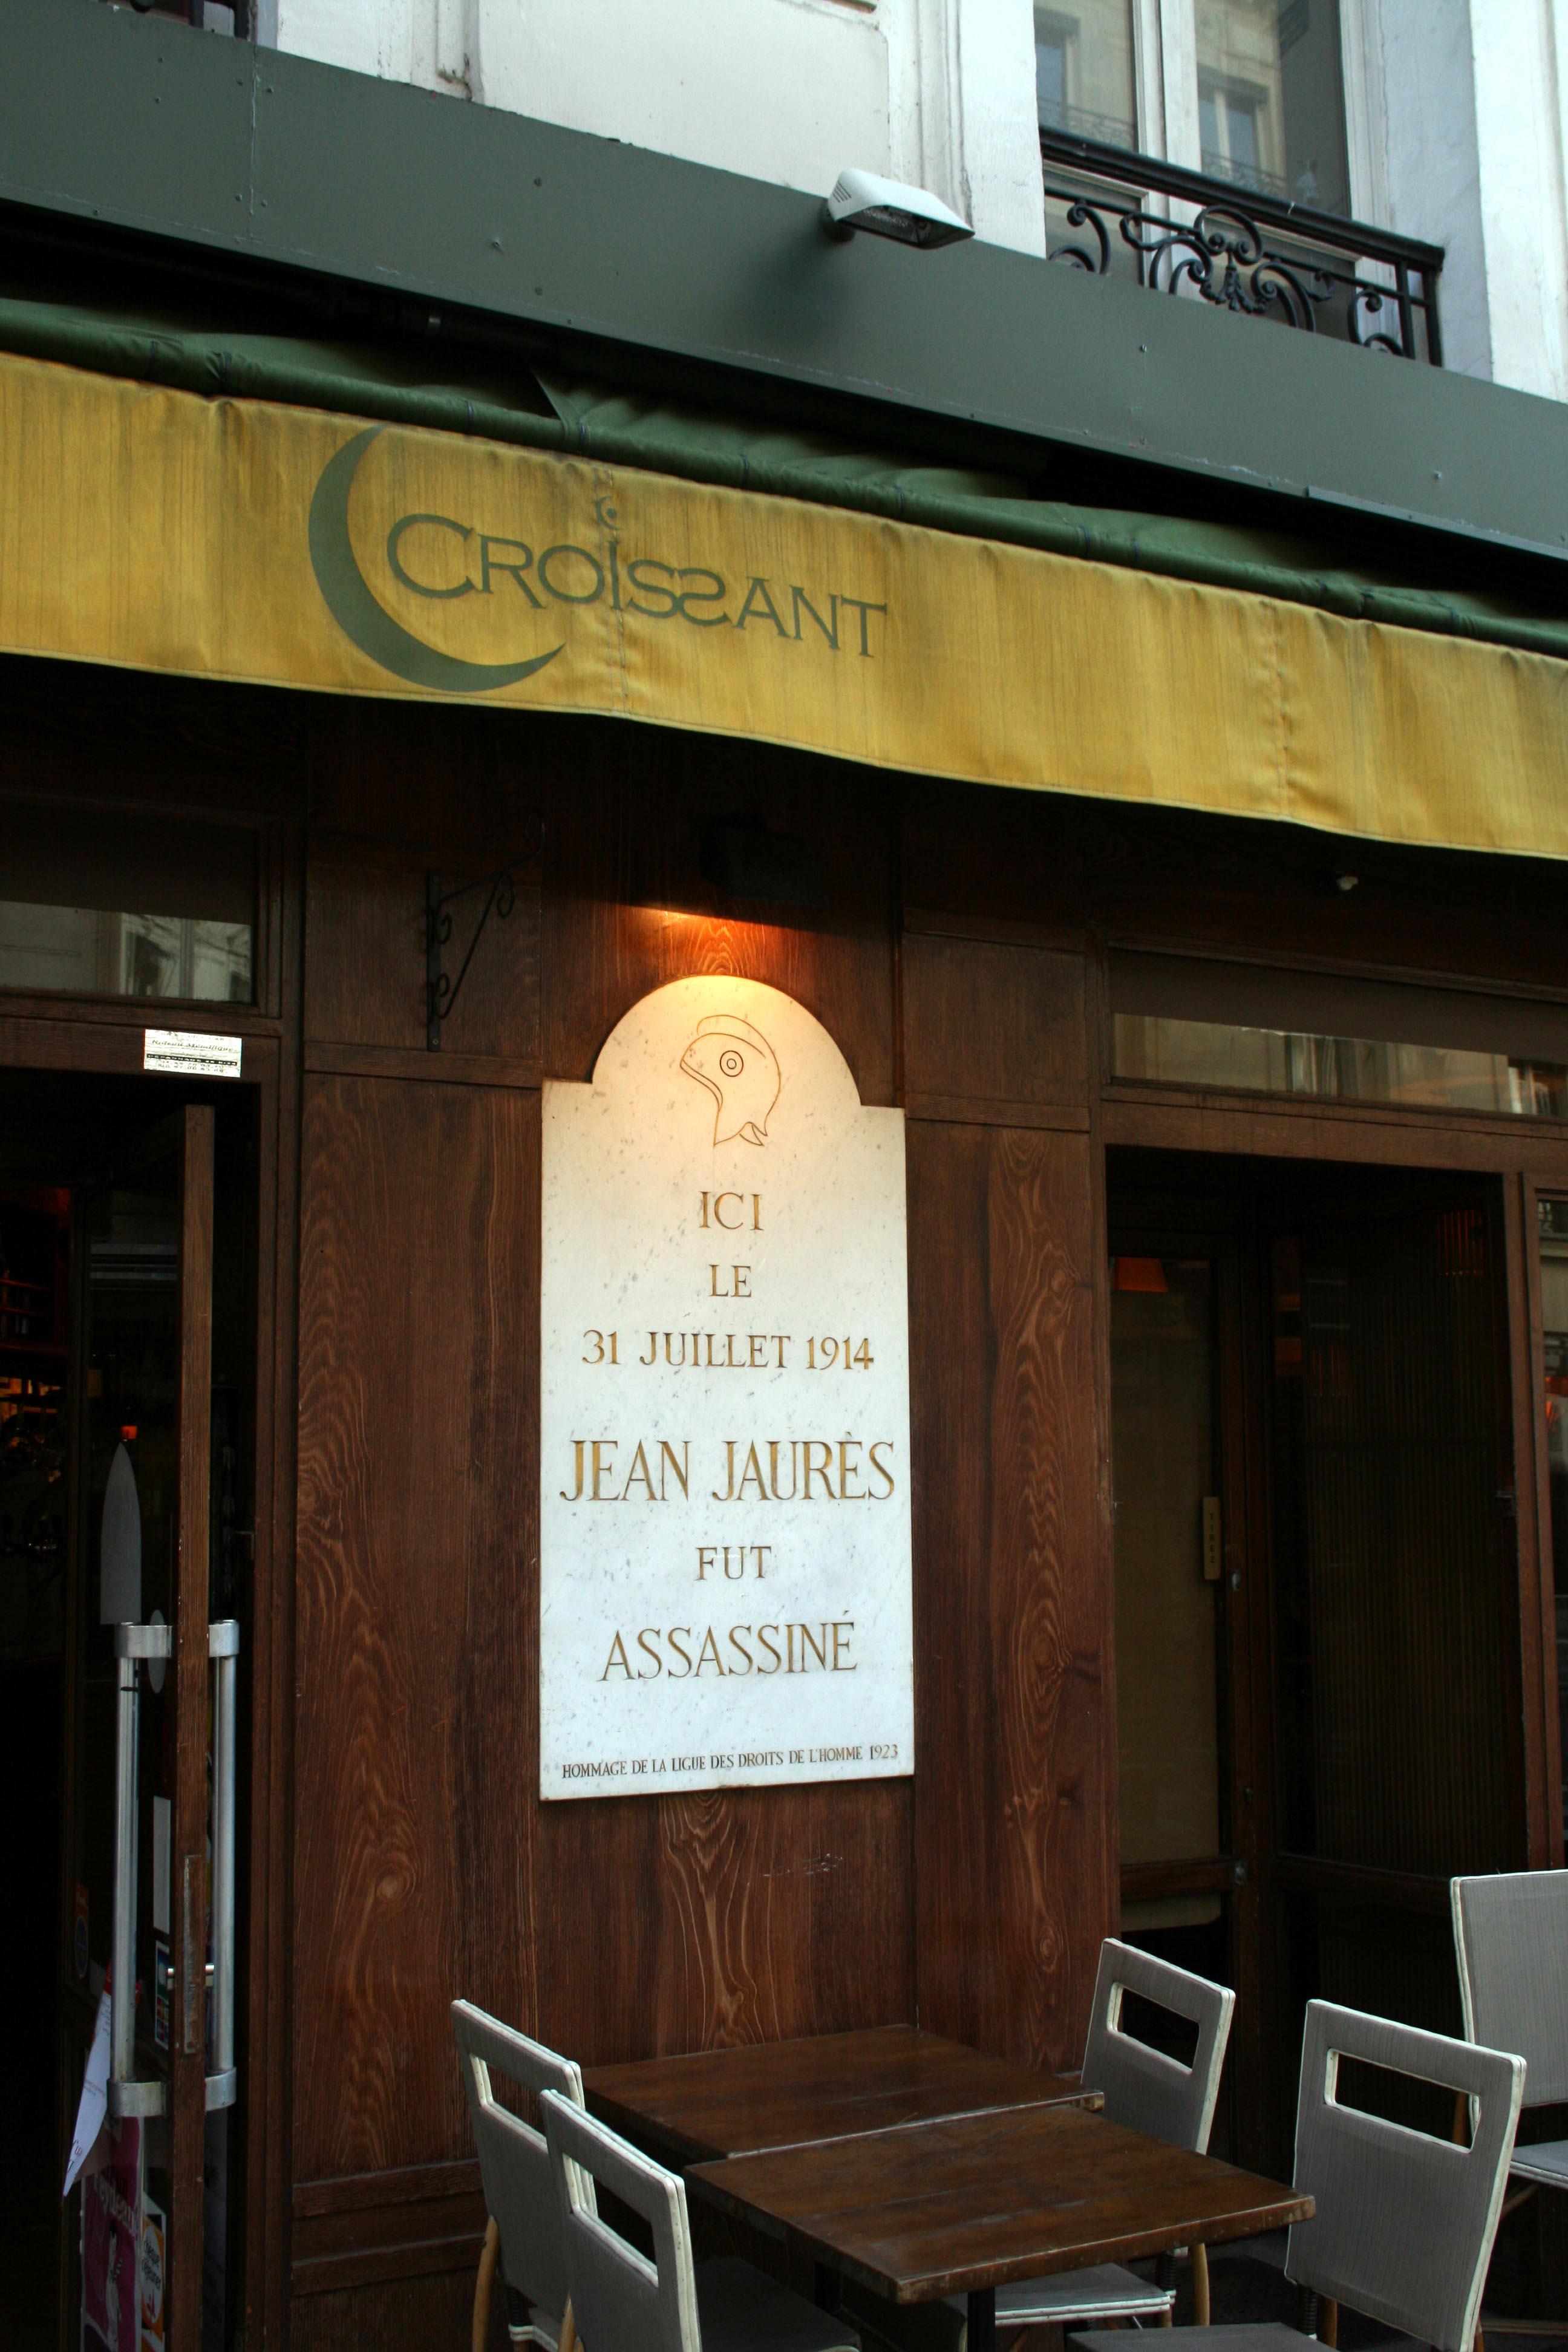 Jean_Jaures_Café_Croissant.jpg